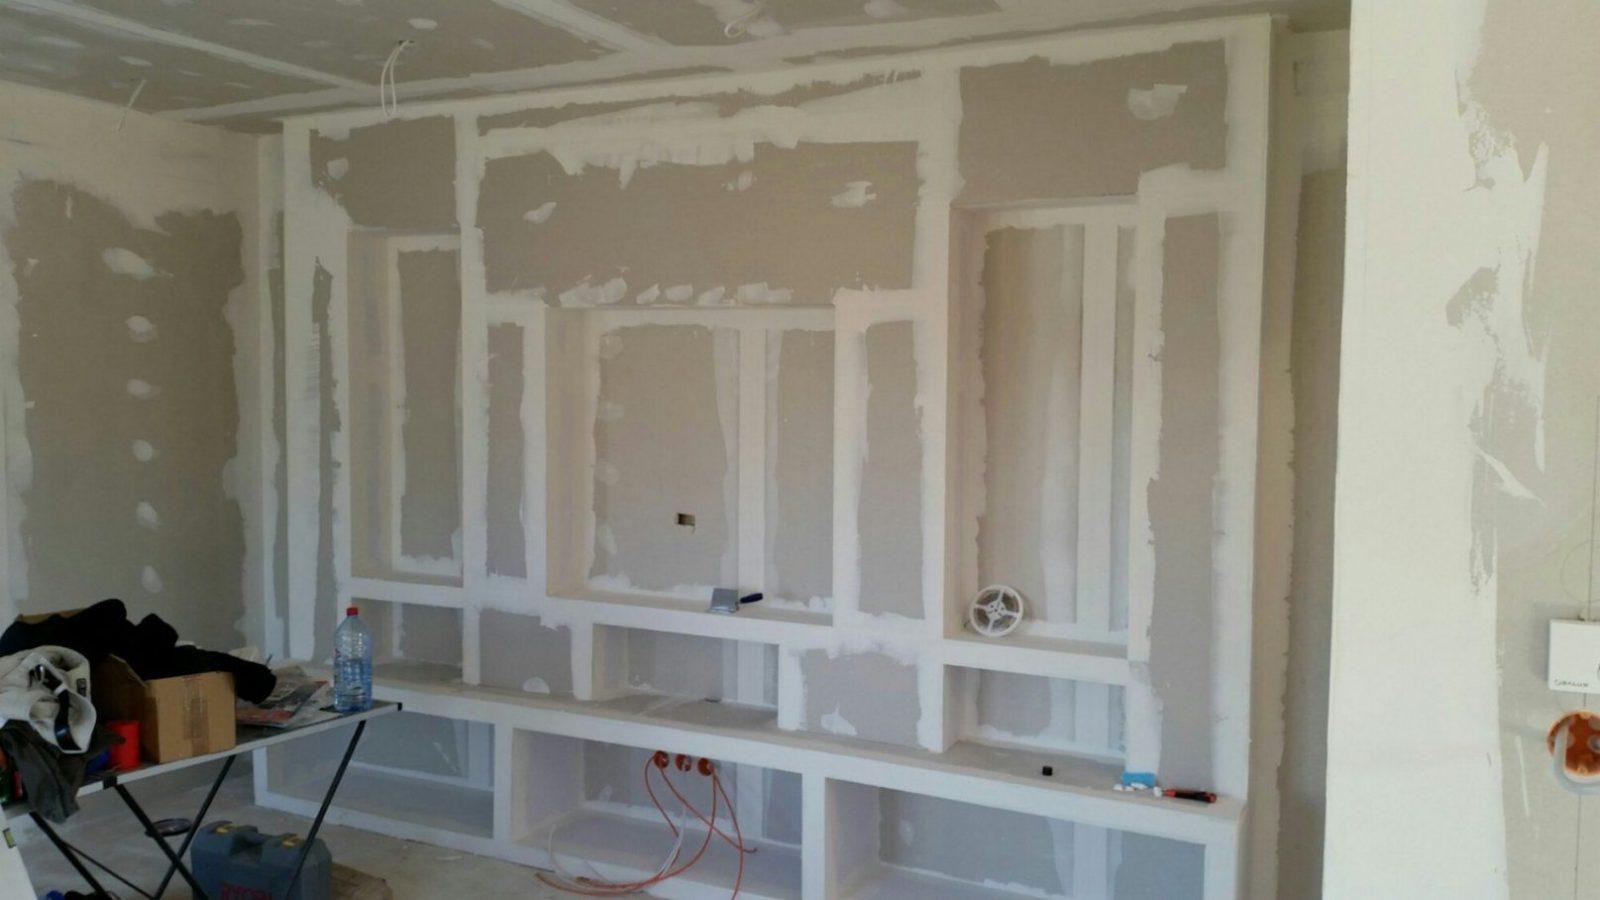 Wohnzimmer Ideen Tv Interior Design Tempting Tv In Room Such As